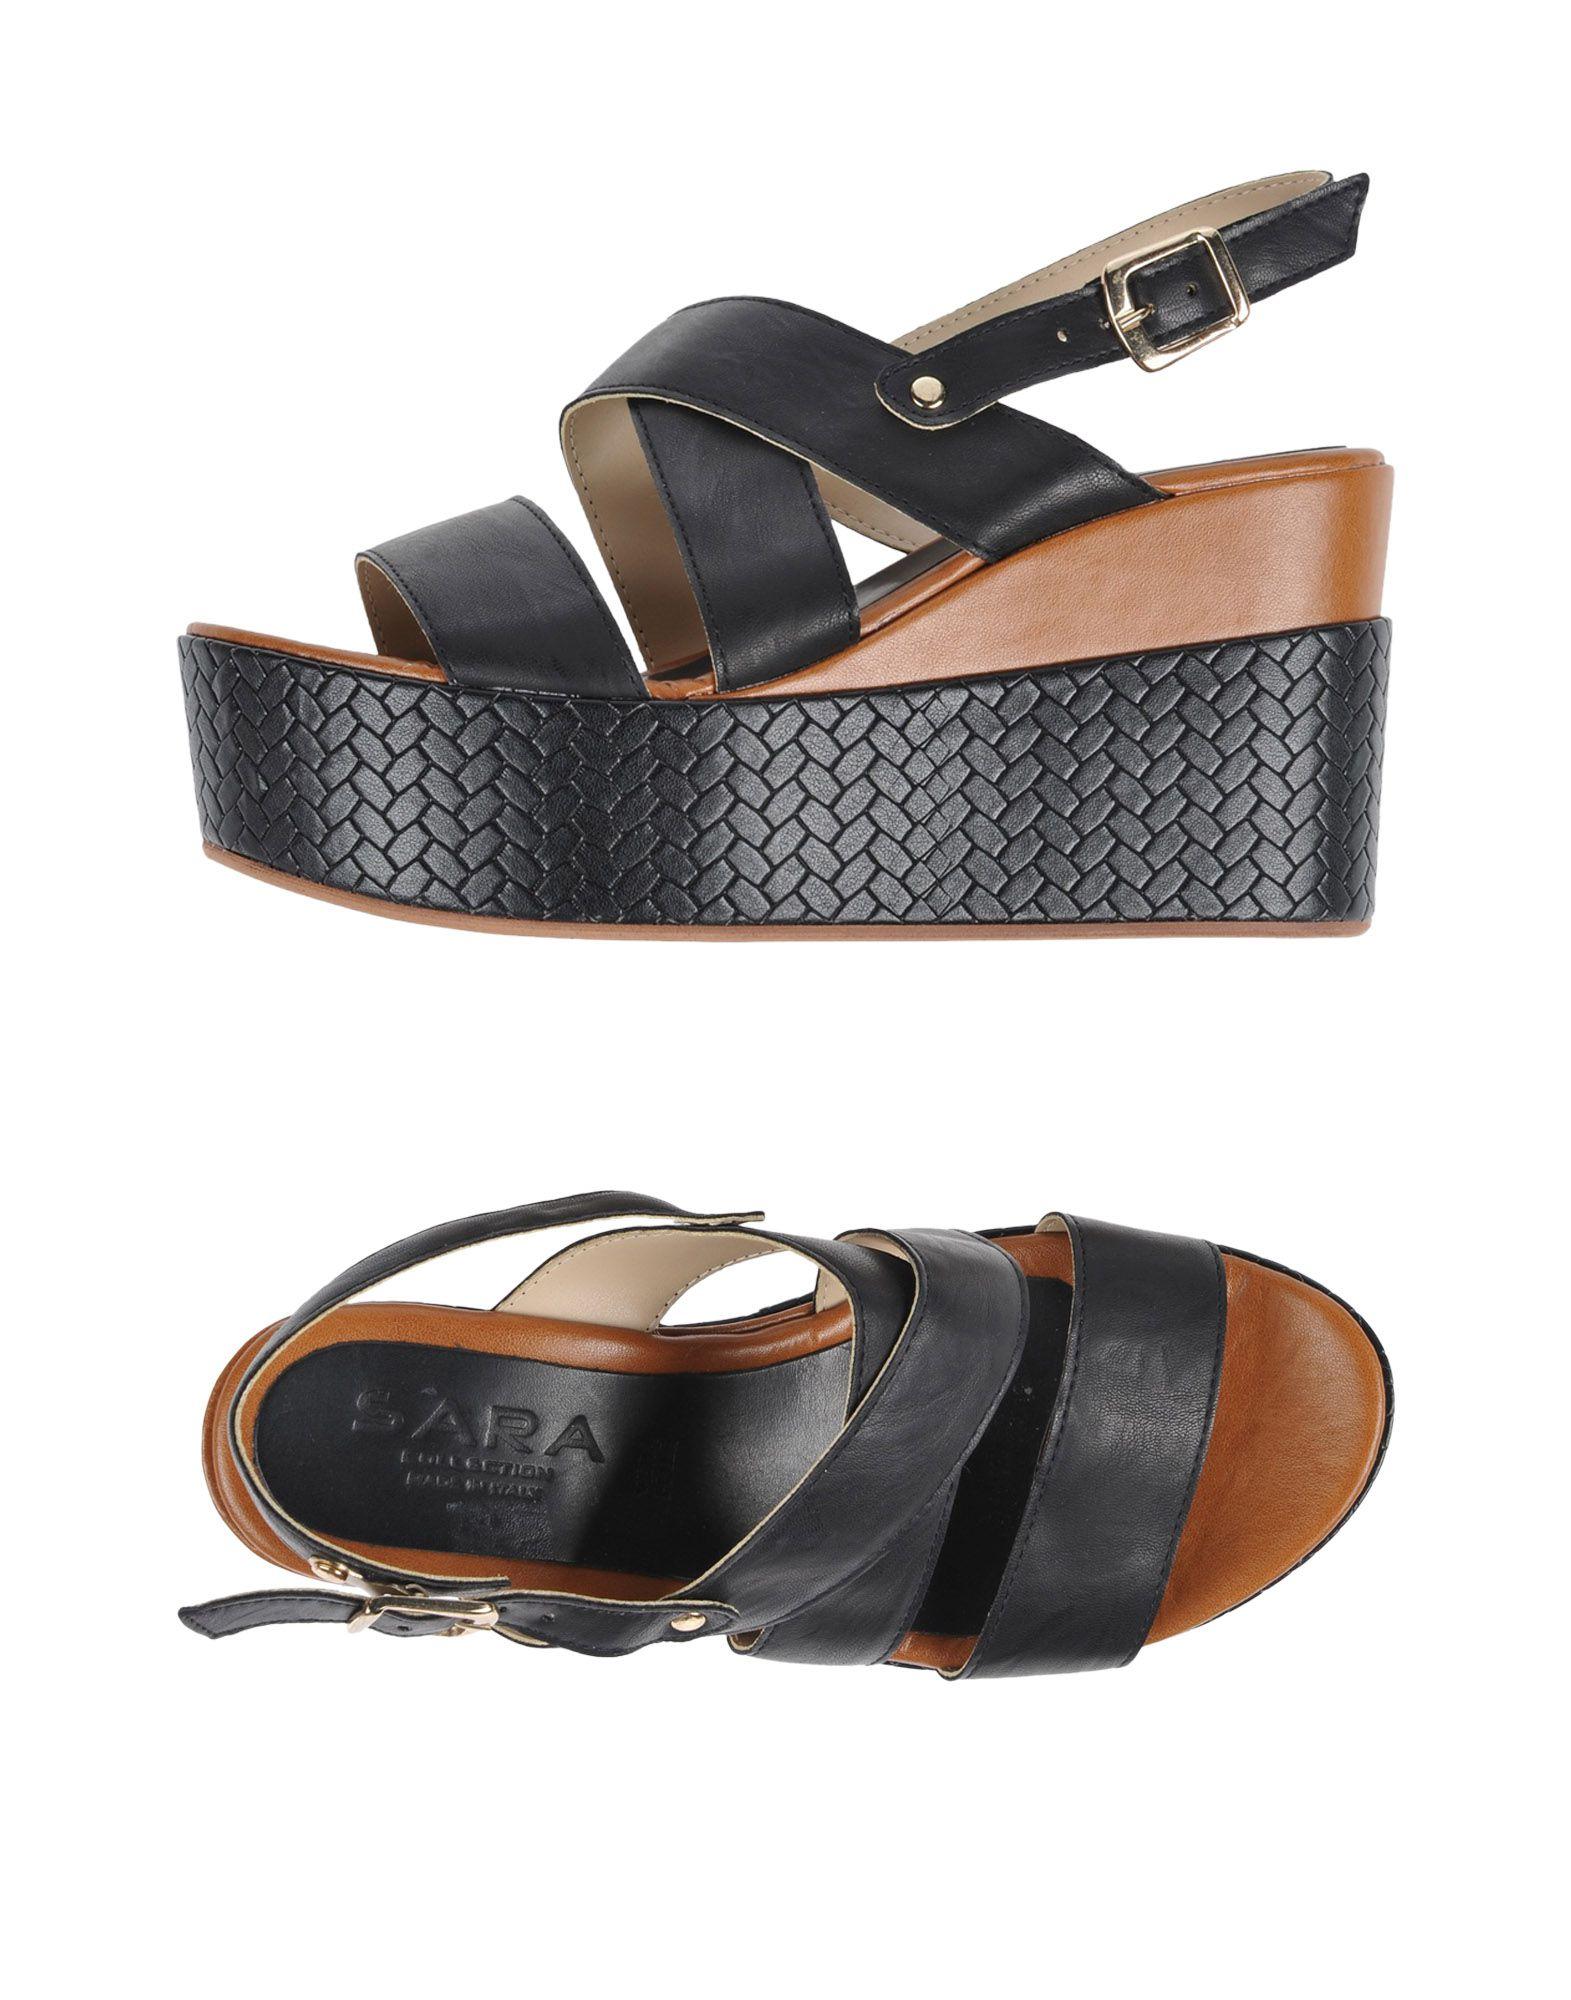 Sara Sandalen Damen  11460437BO Gute Qualität beliebte Schuhe